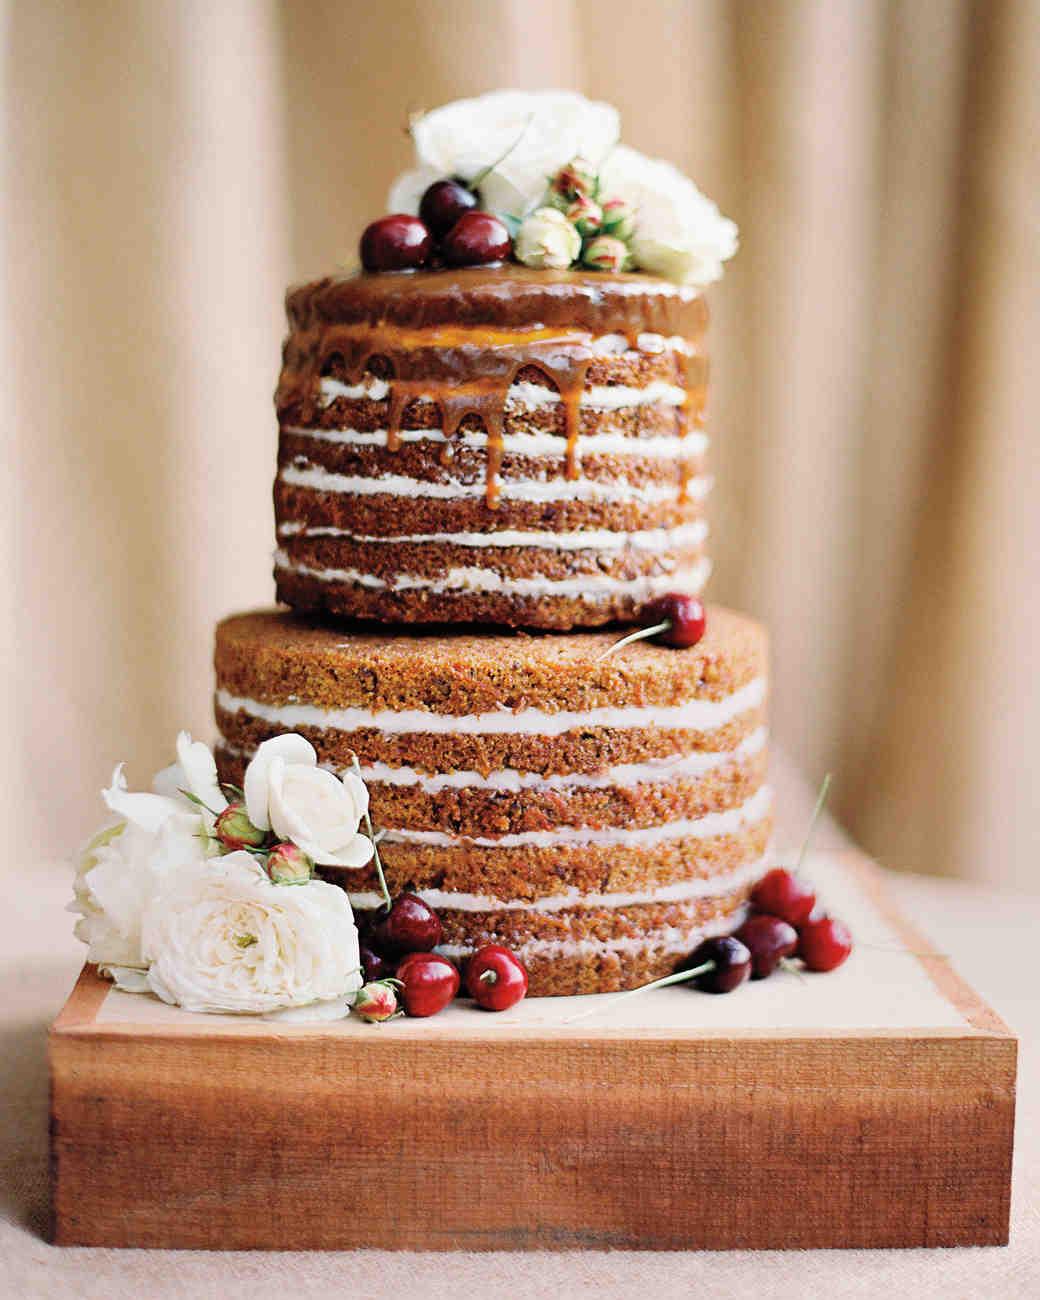 16 Rustic Wedding Cakes We re Loving – PinLaVie